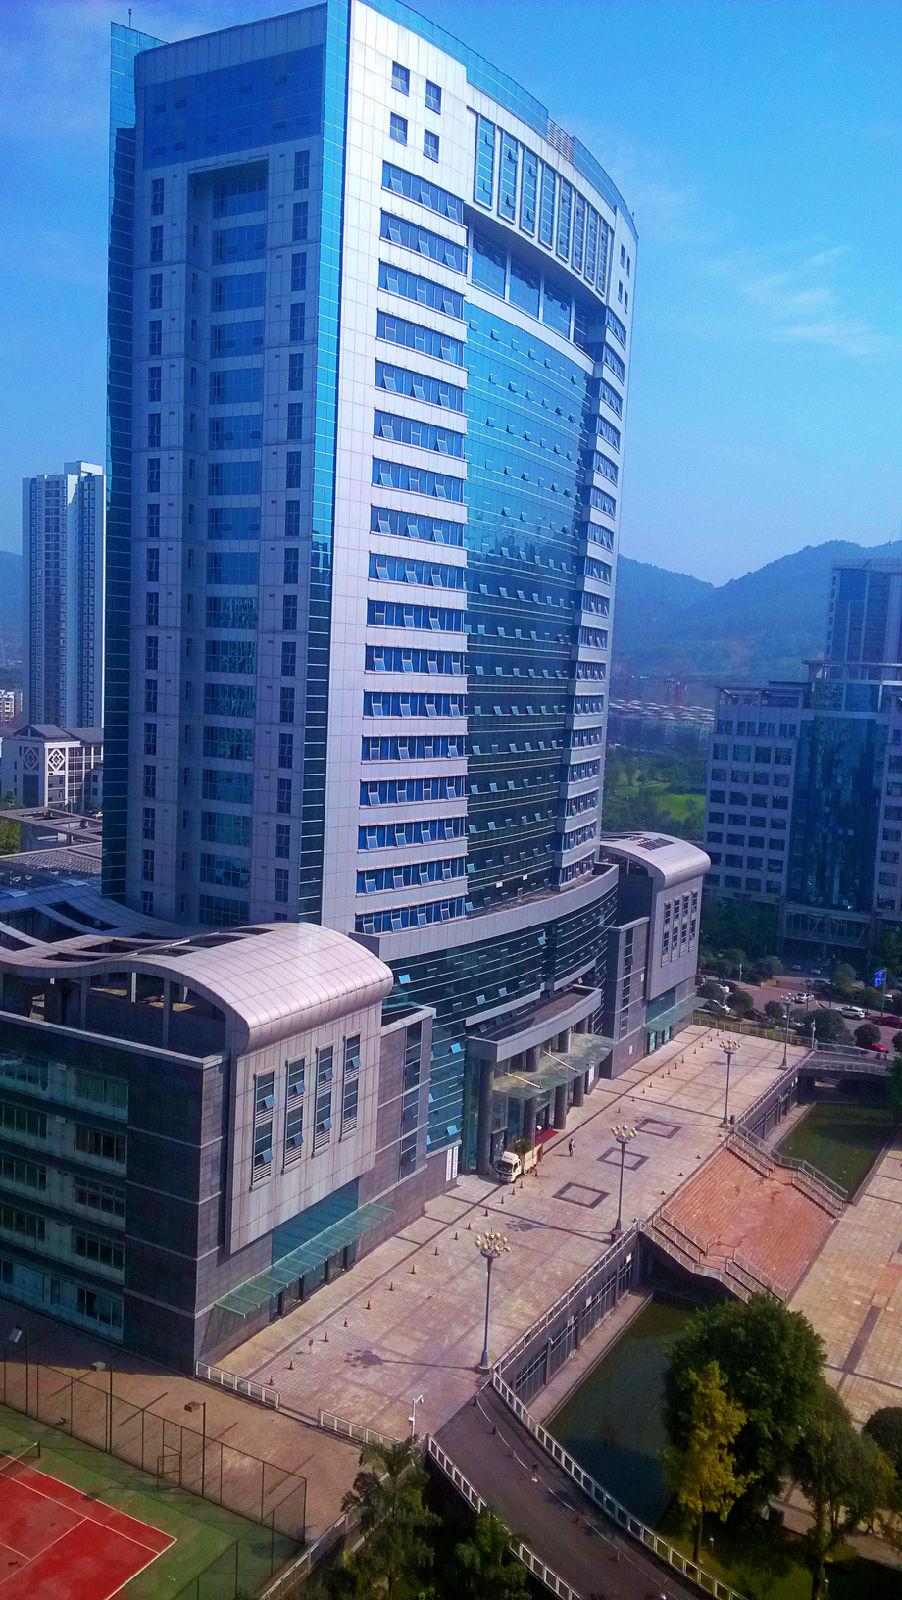 [59图]重庆巴南区,一个虽然偏远,但是风景超级美丽的地方.